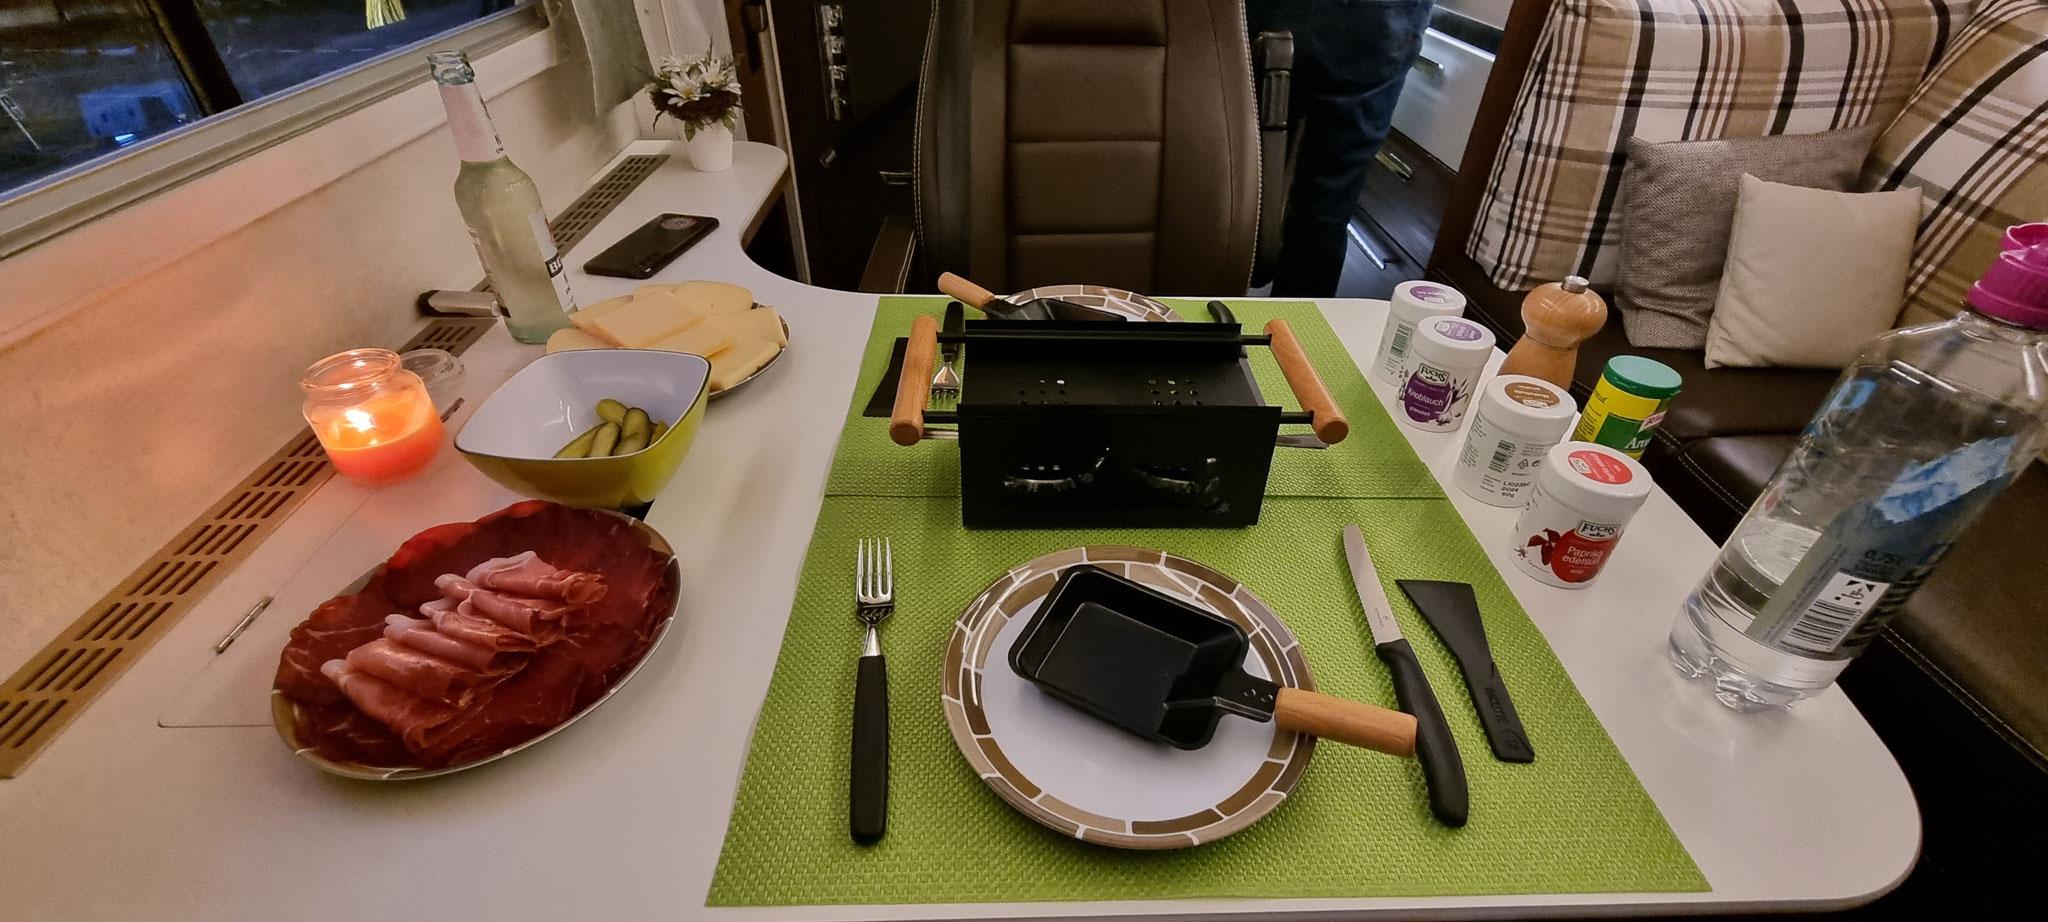 Raclette zum Zweiten - diesmal mit Brennpasten-Rechauds